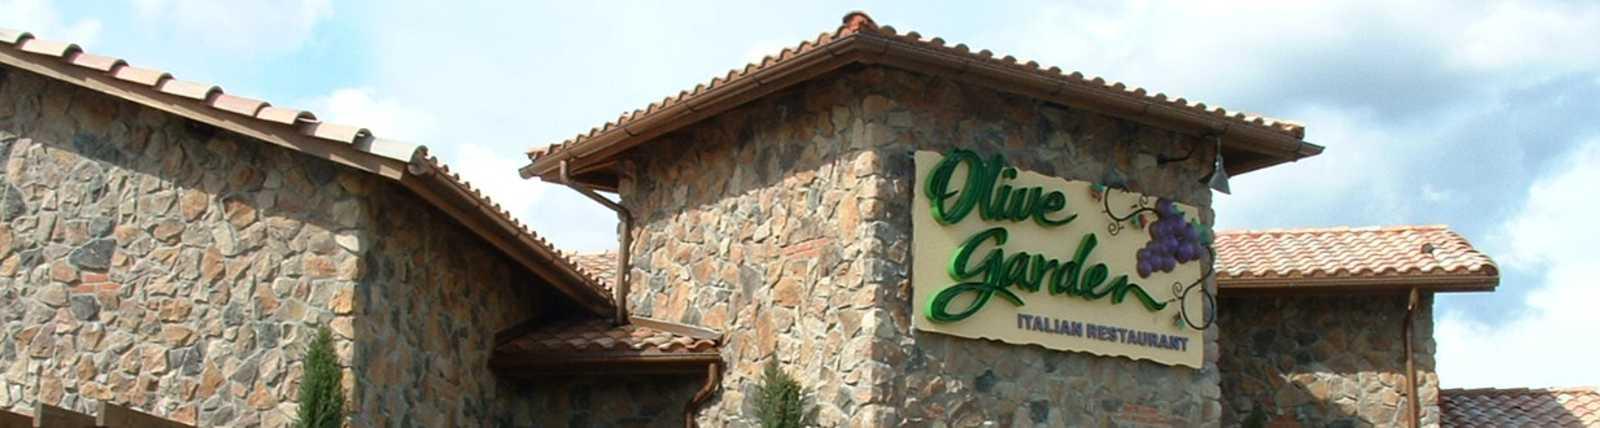 Olive_Garden_Italian_Restaurant.jpg